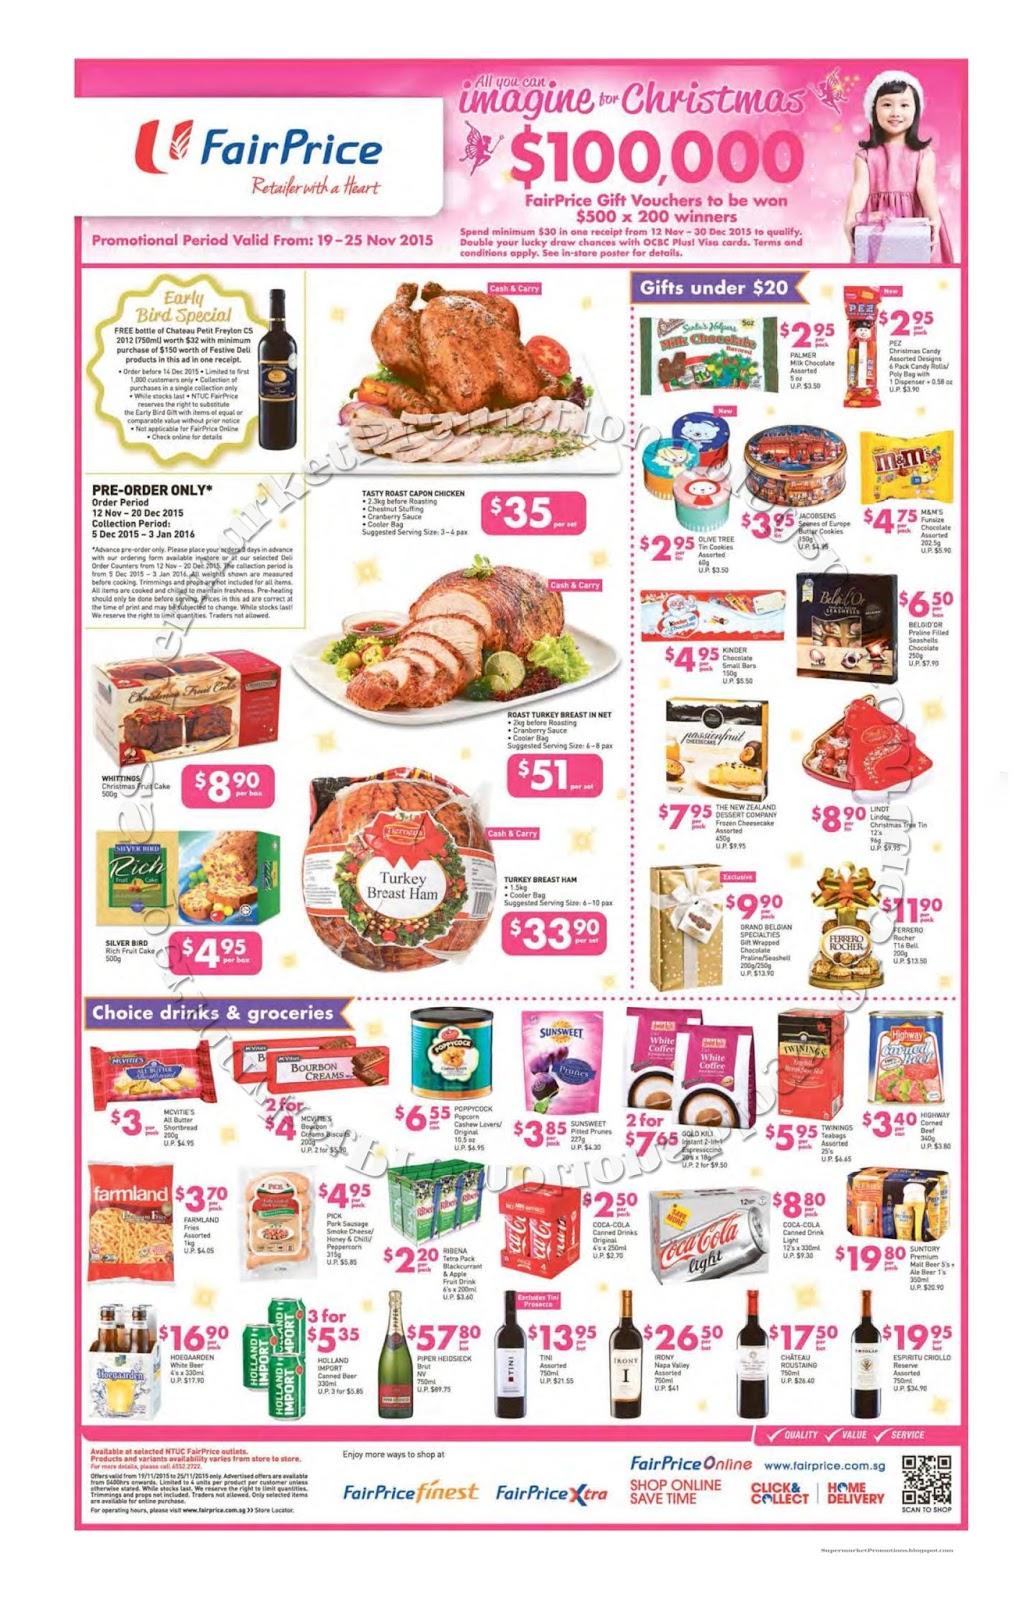 Fairprice Christmas Catalogue 2021 Ntuc Fairprice Christmas Catalogue 19 25 November 2015 Supermarket Promotions